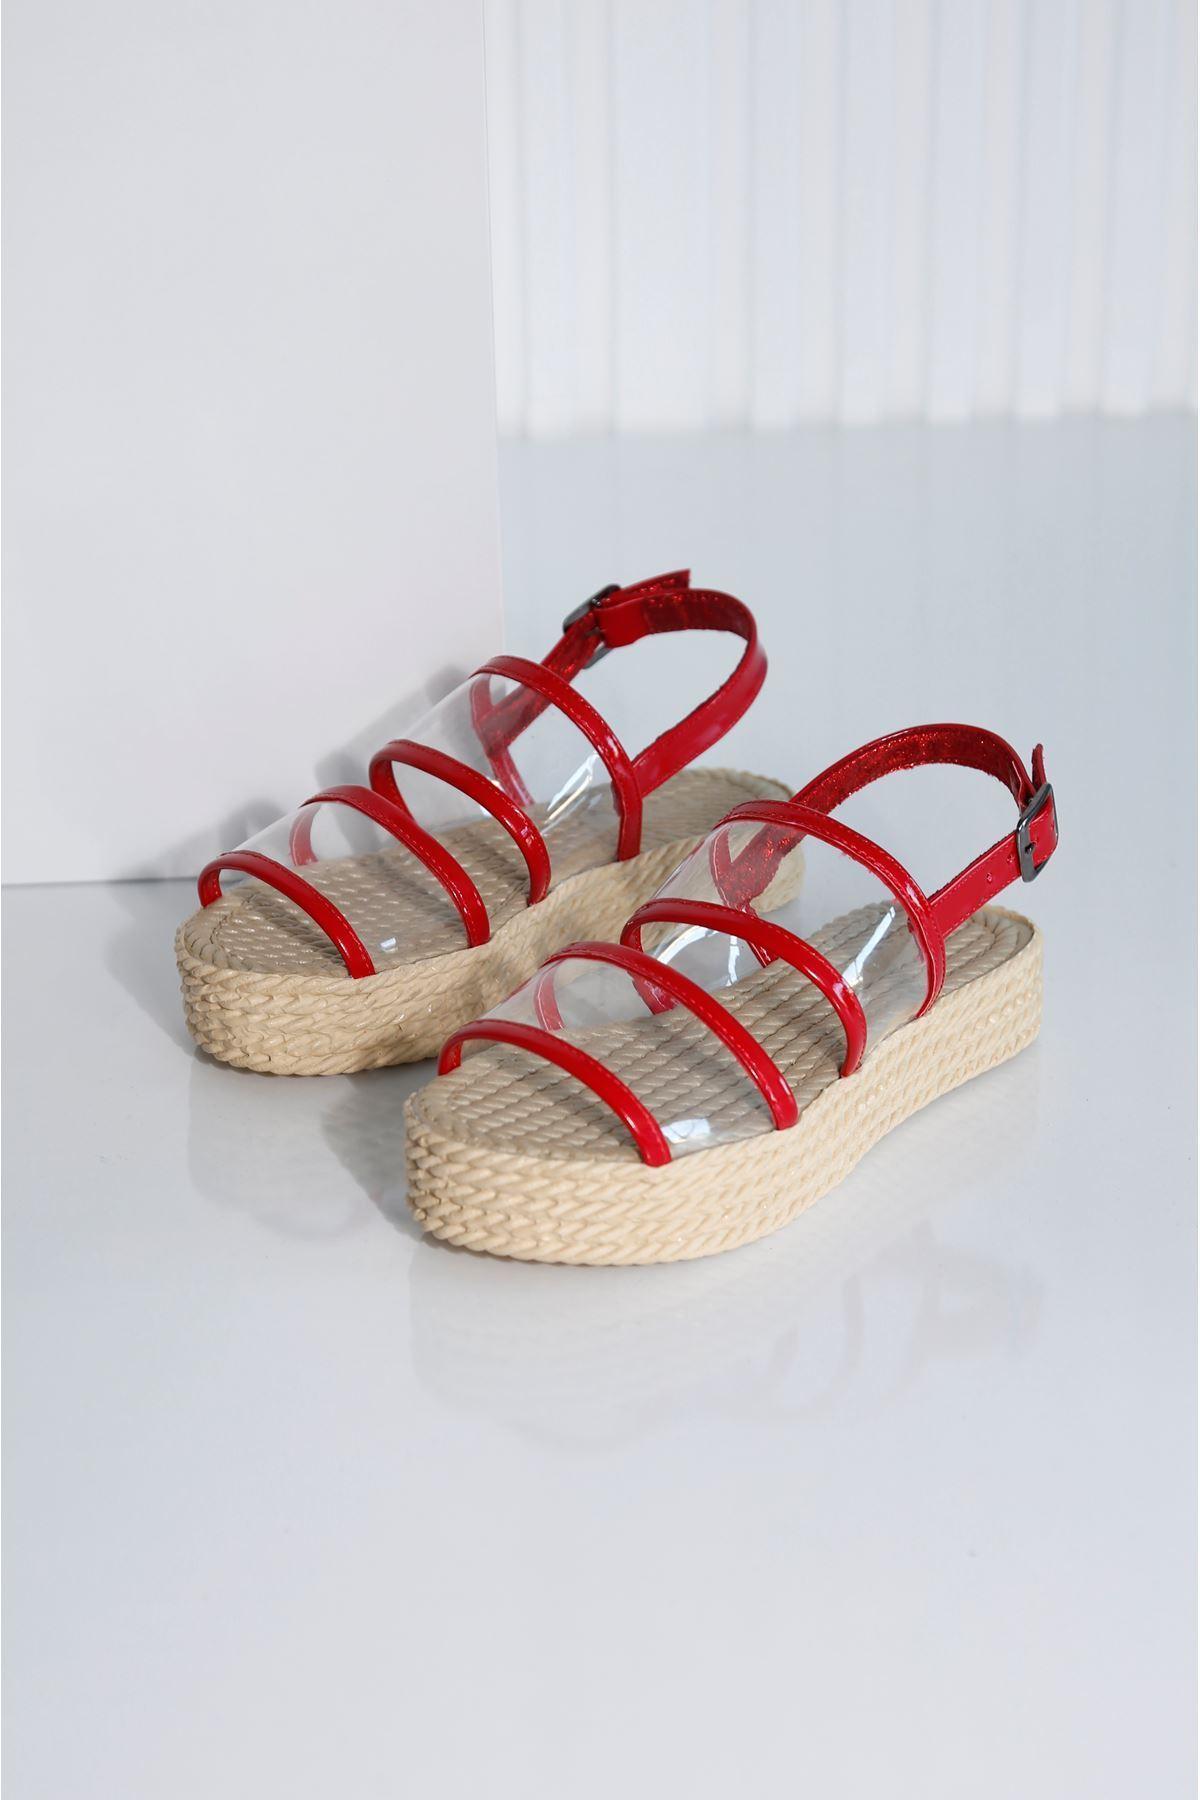 Croce-A Kadın Kırmızı Şeffaf Sandalet